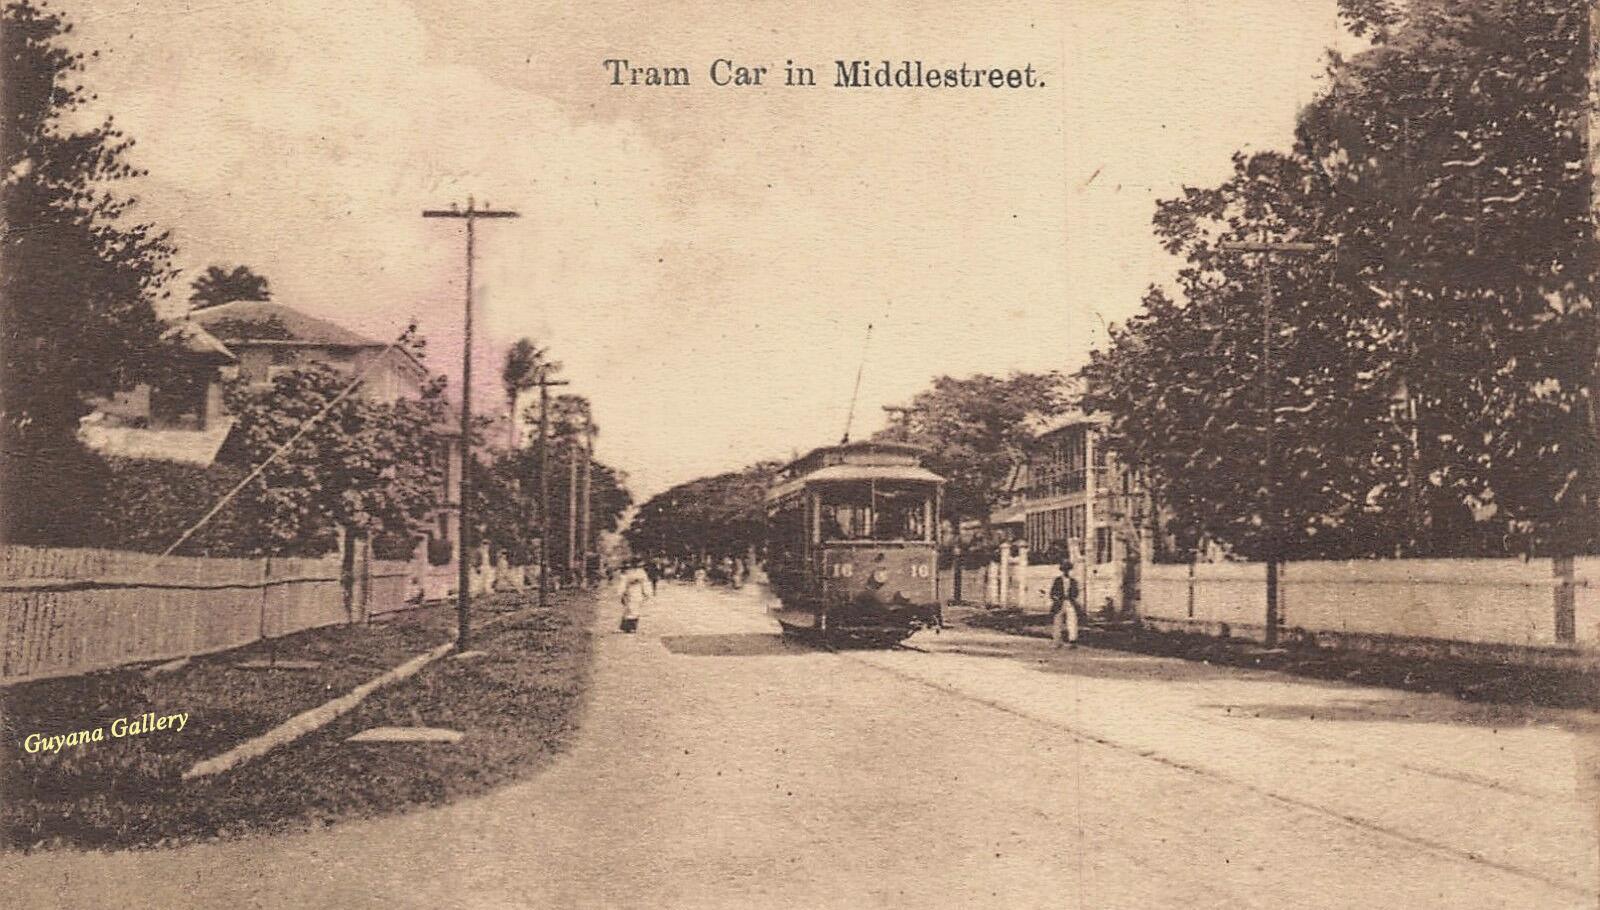 Tram-Car # 16